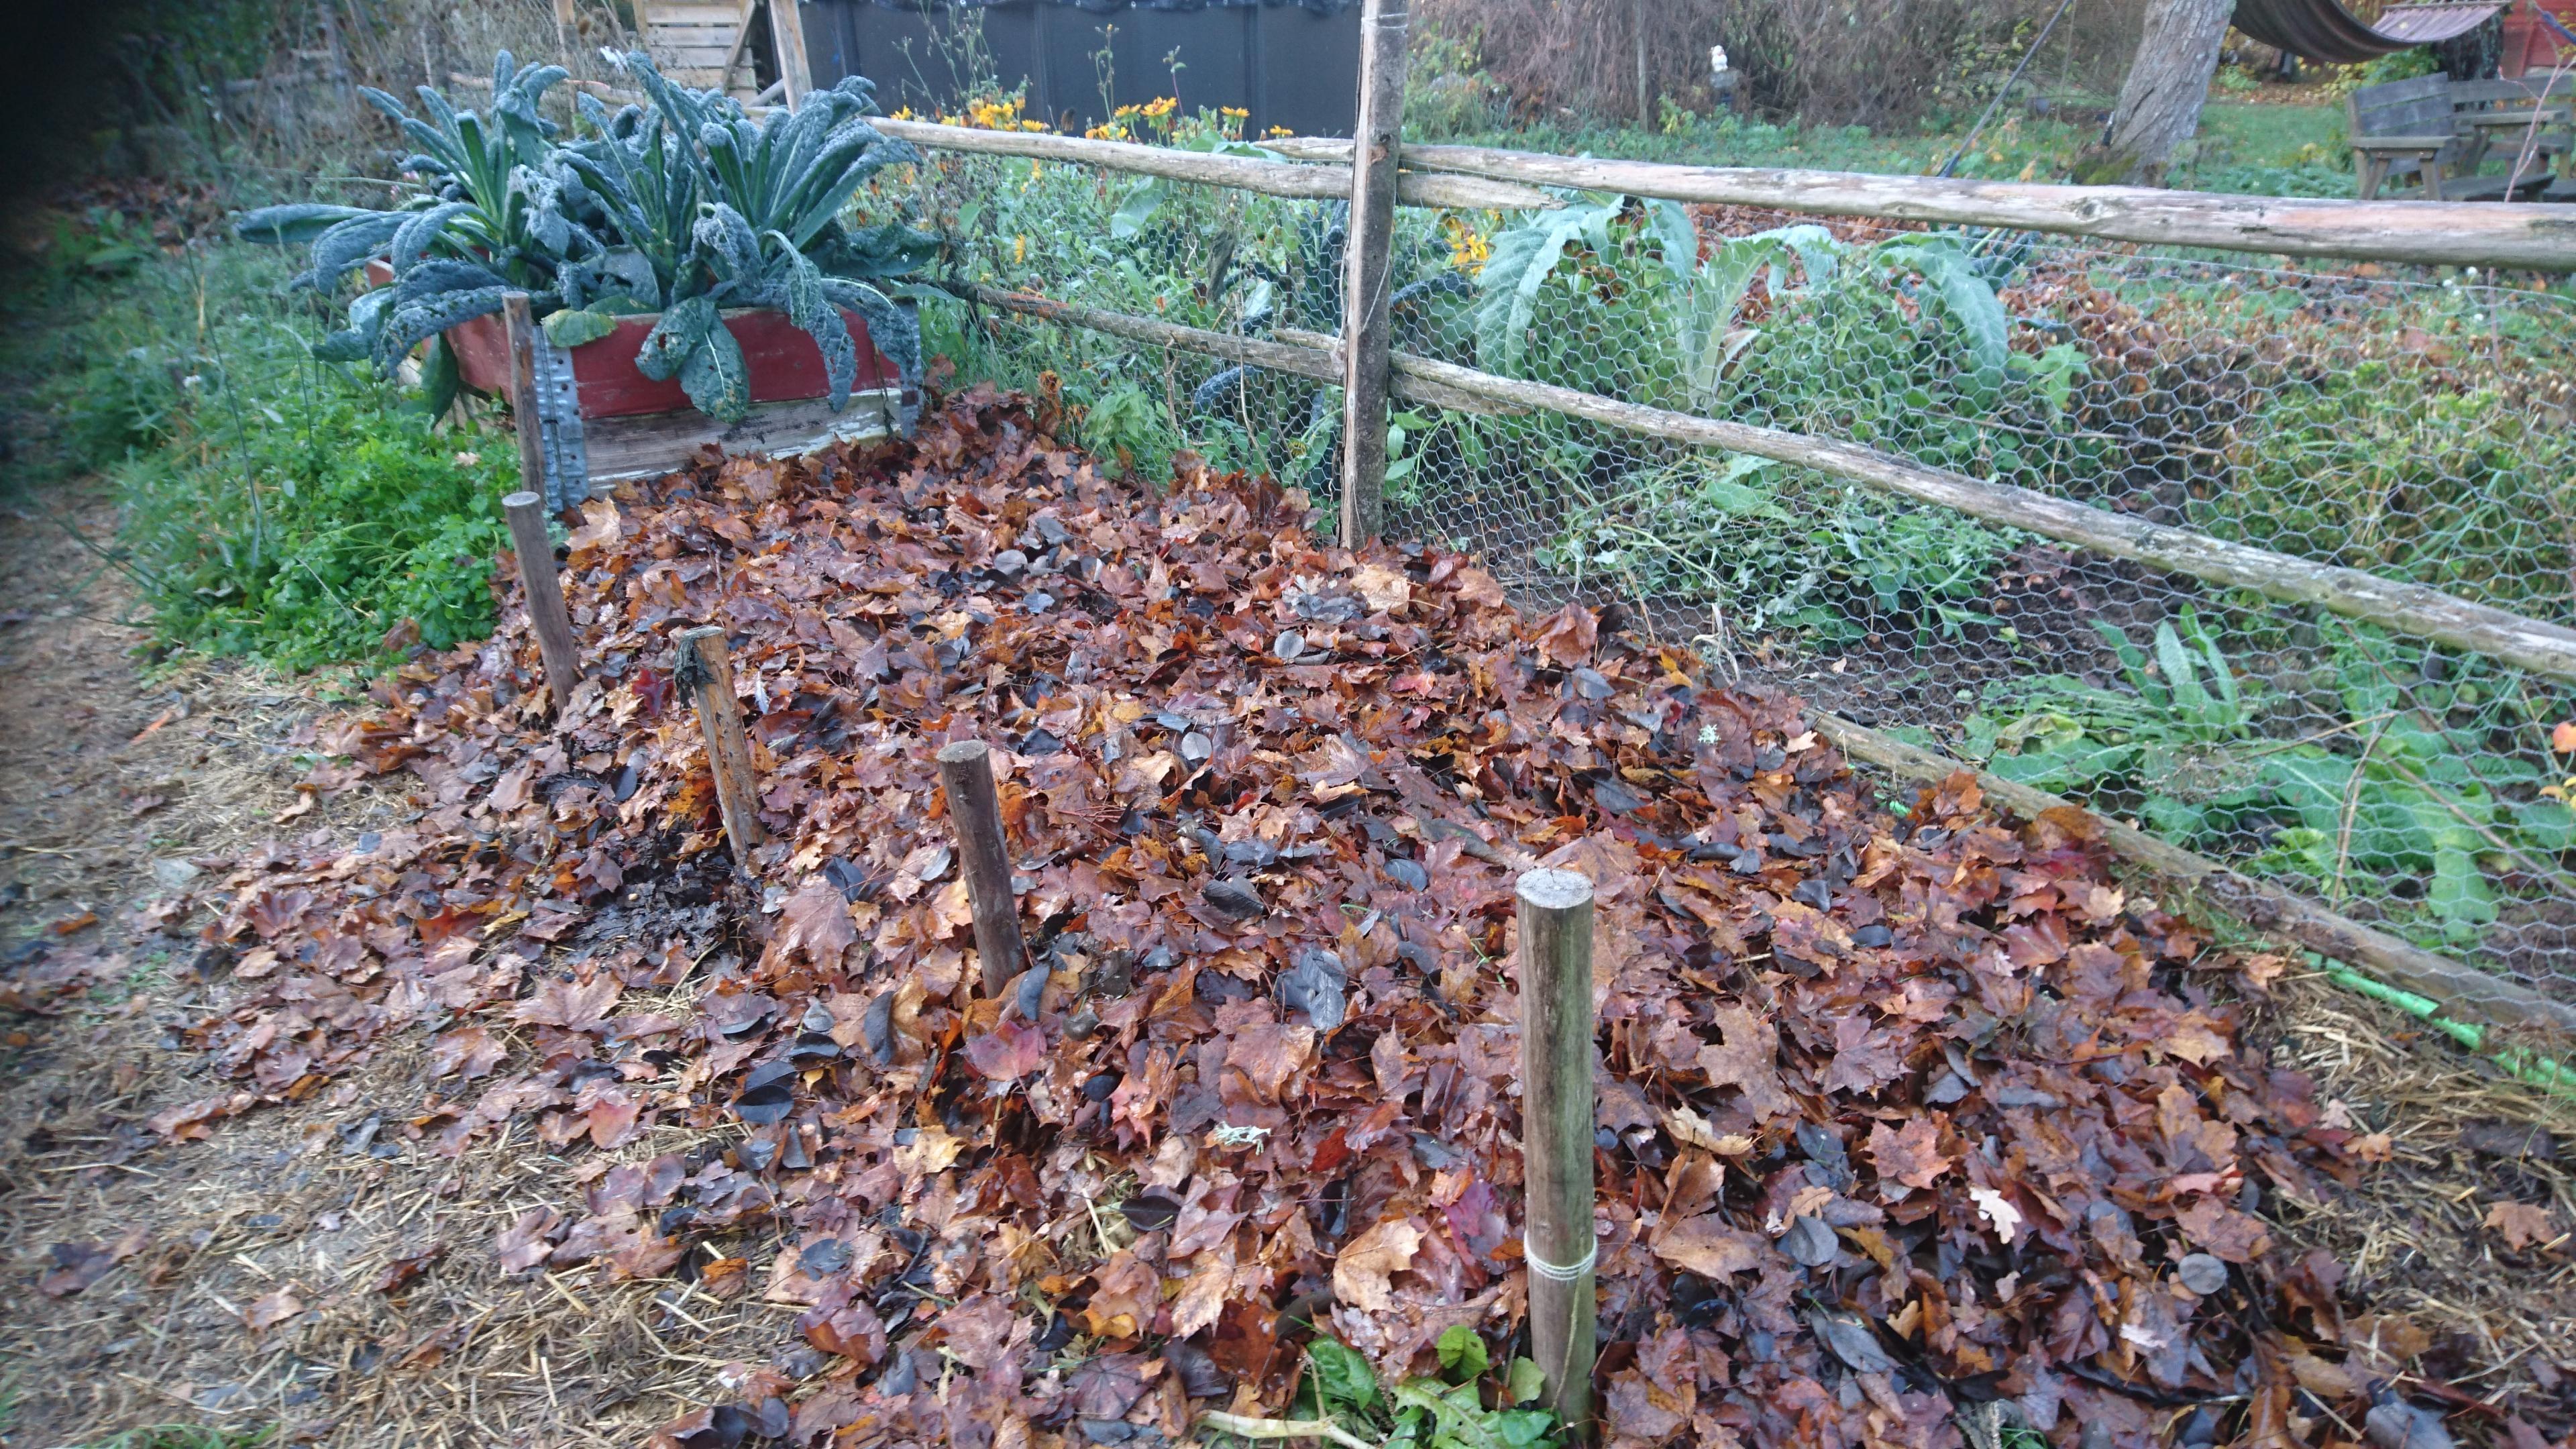 Täckodlad vitlöksbädd. Odlingsyta täckt med löv.